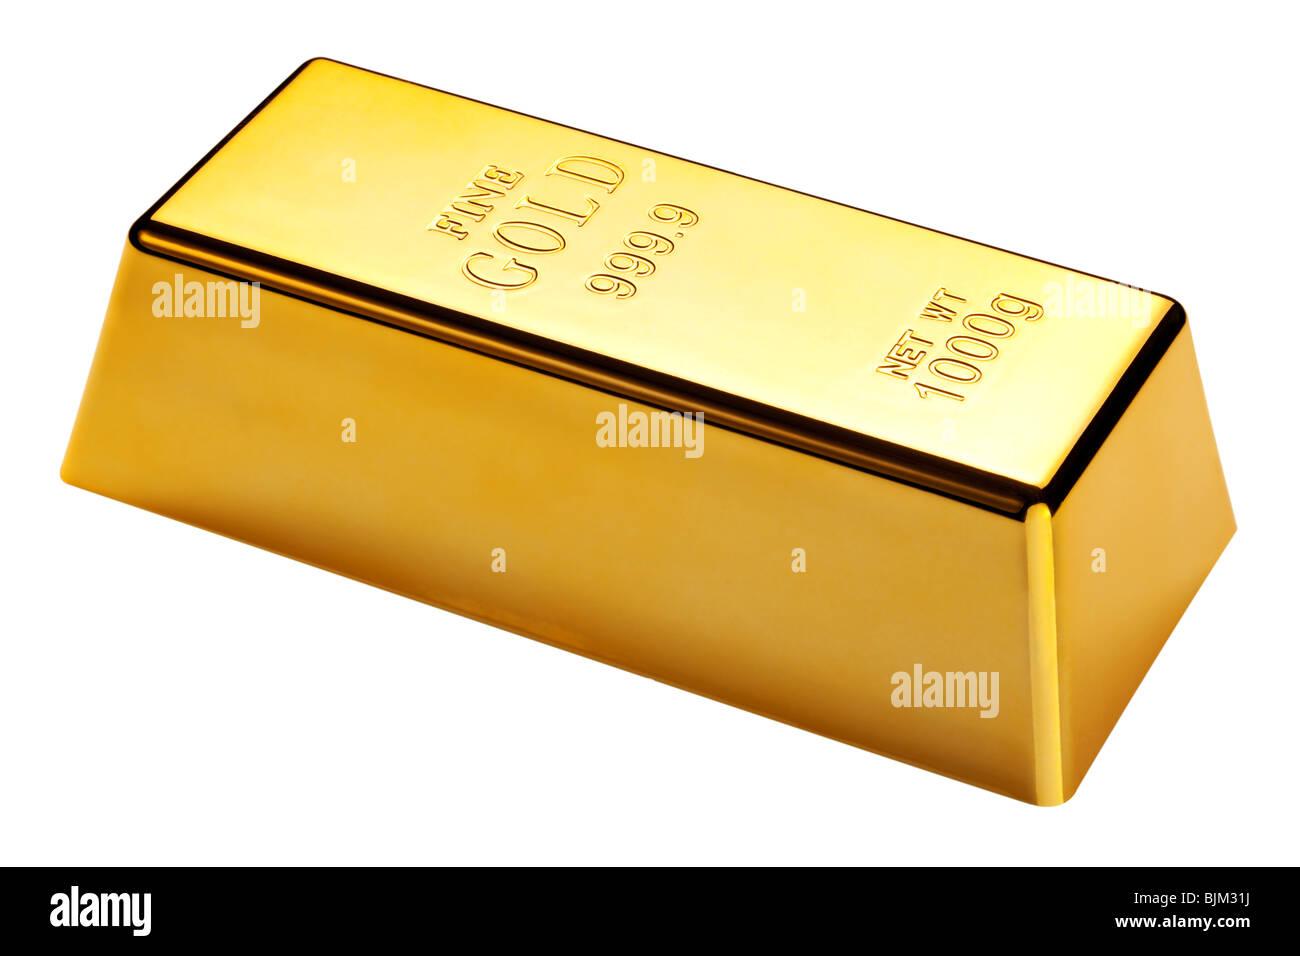 Foto di un 1kg gold bar isolato su uno sfondo bianco con tracciato di ritaglio Immagini Stock